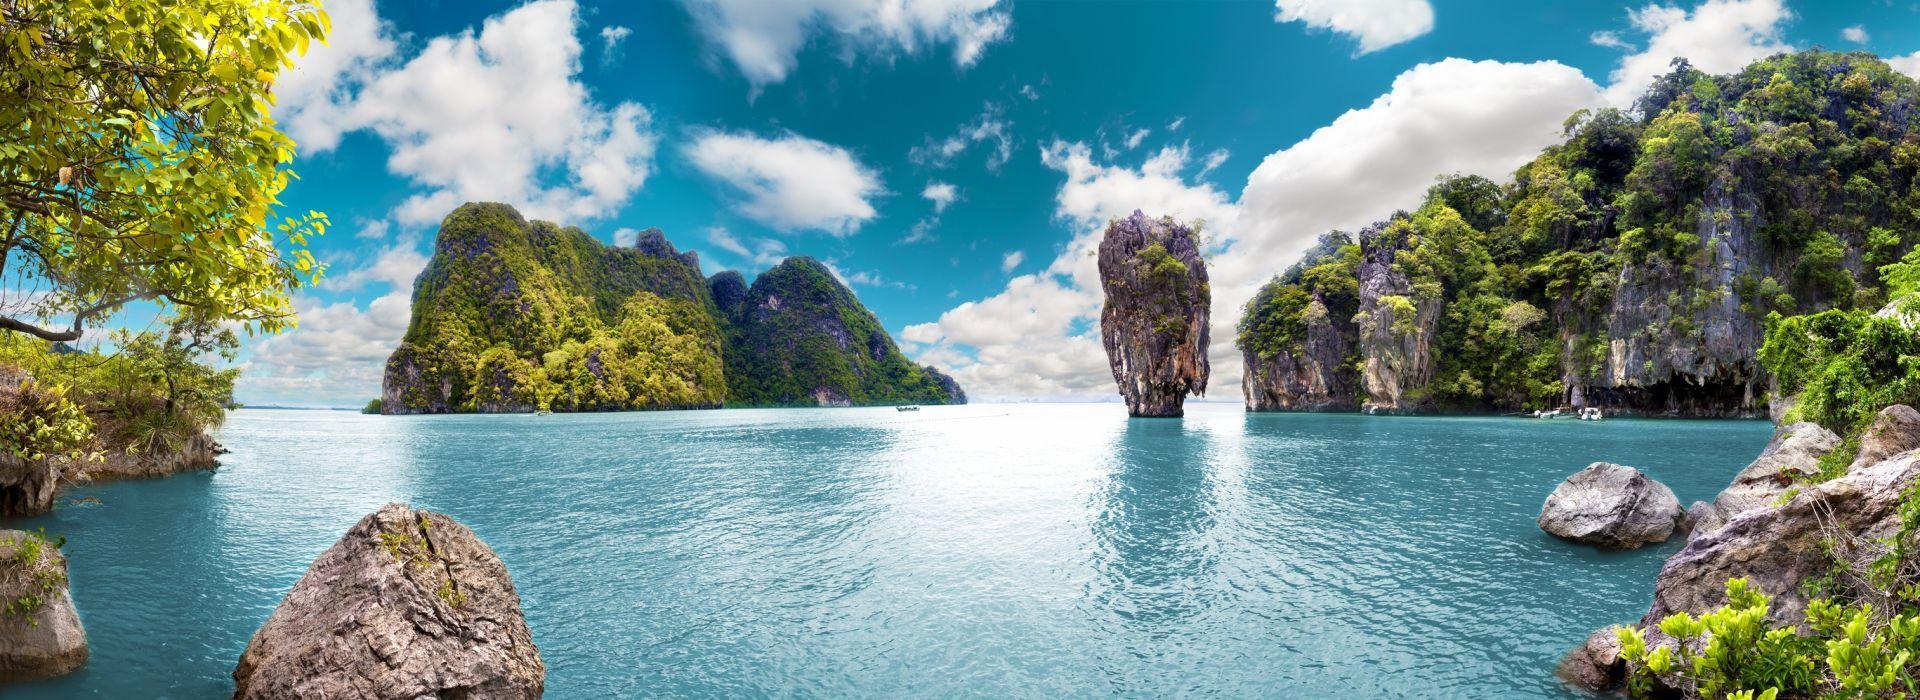 Explorer Tours in Bangkok